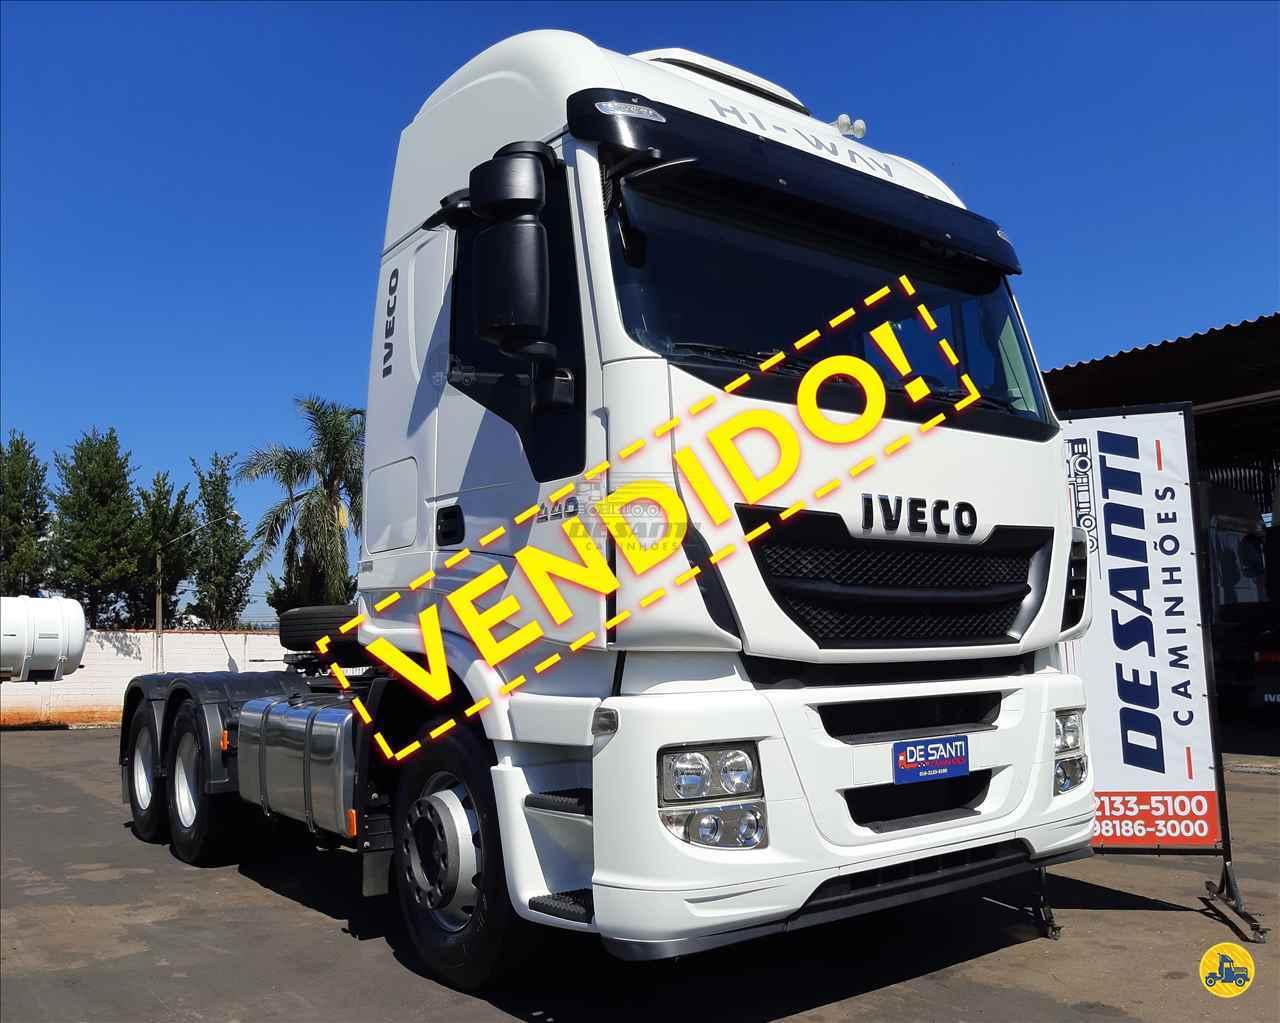 CAMINHAO IVECO STRALIS 440 Cavalo Mecânico Truck 6x2 De Santi Caminhões RIBEIRAO PRETO SÃO PAULO SP